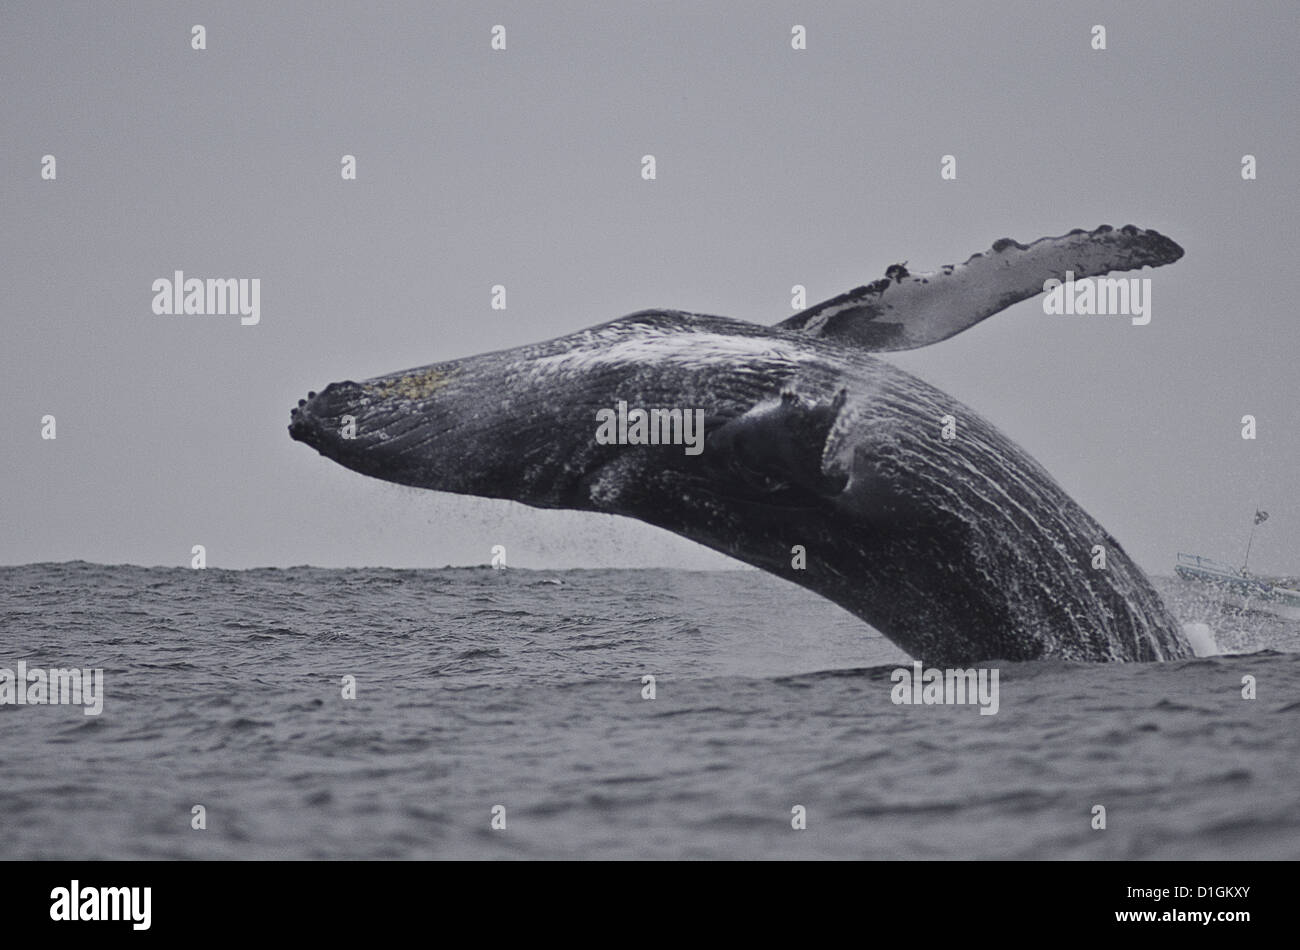 Violation de baleine à bosse (Megaptera novaeangliae), Equateur, Amérique du Sud Photo Stock